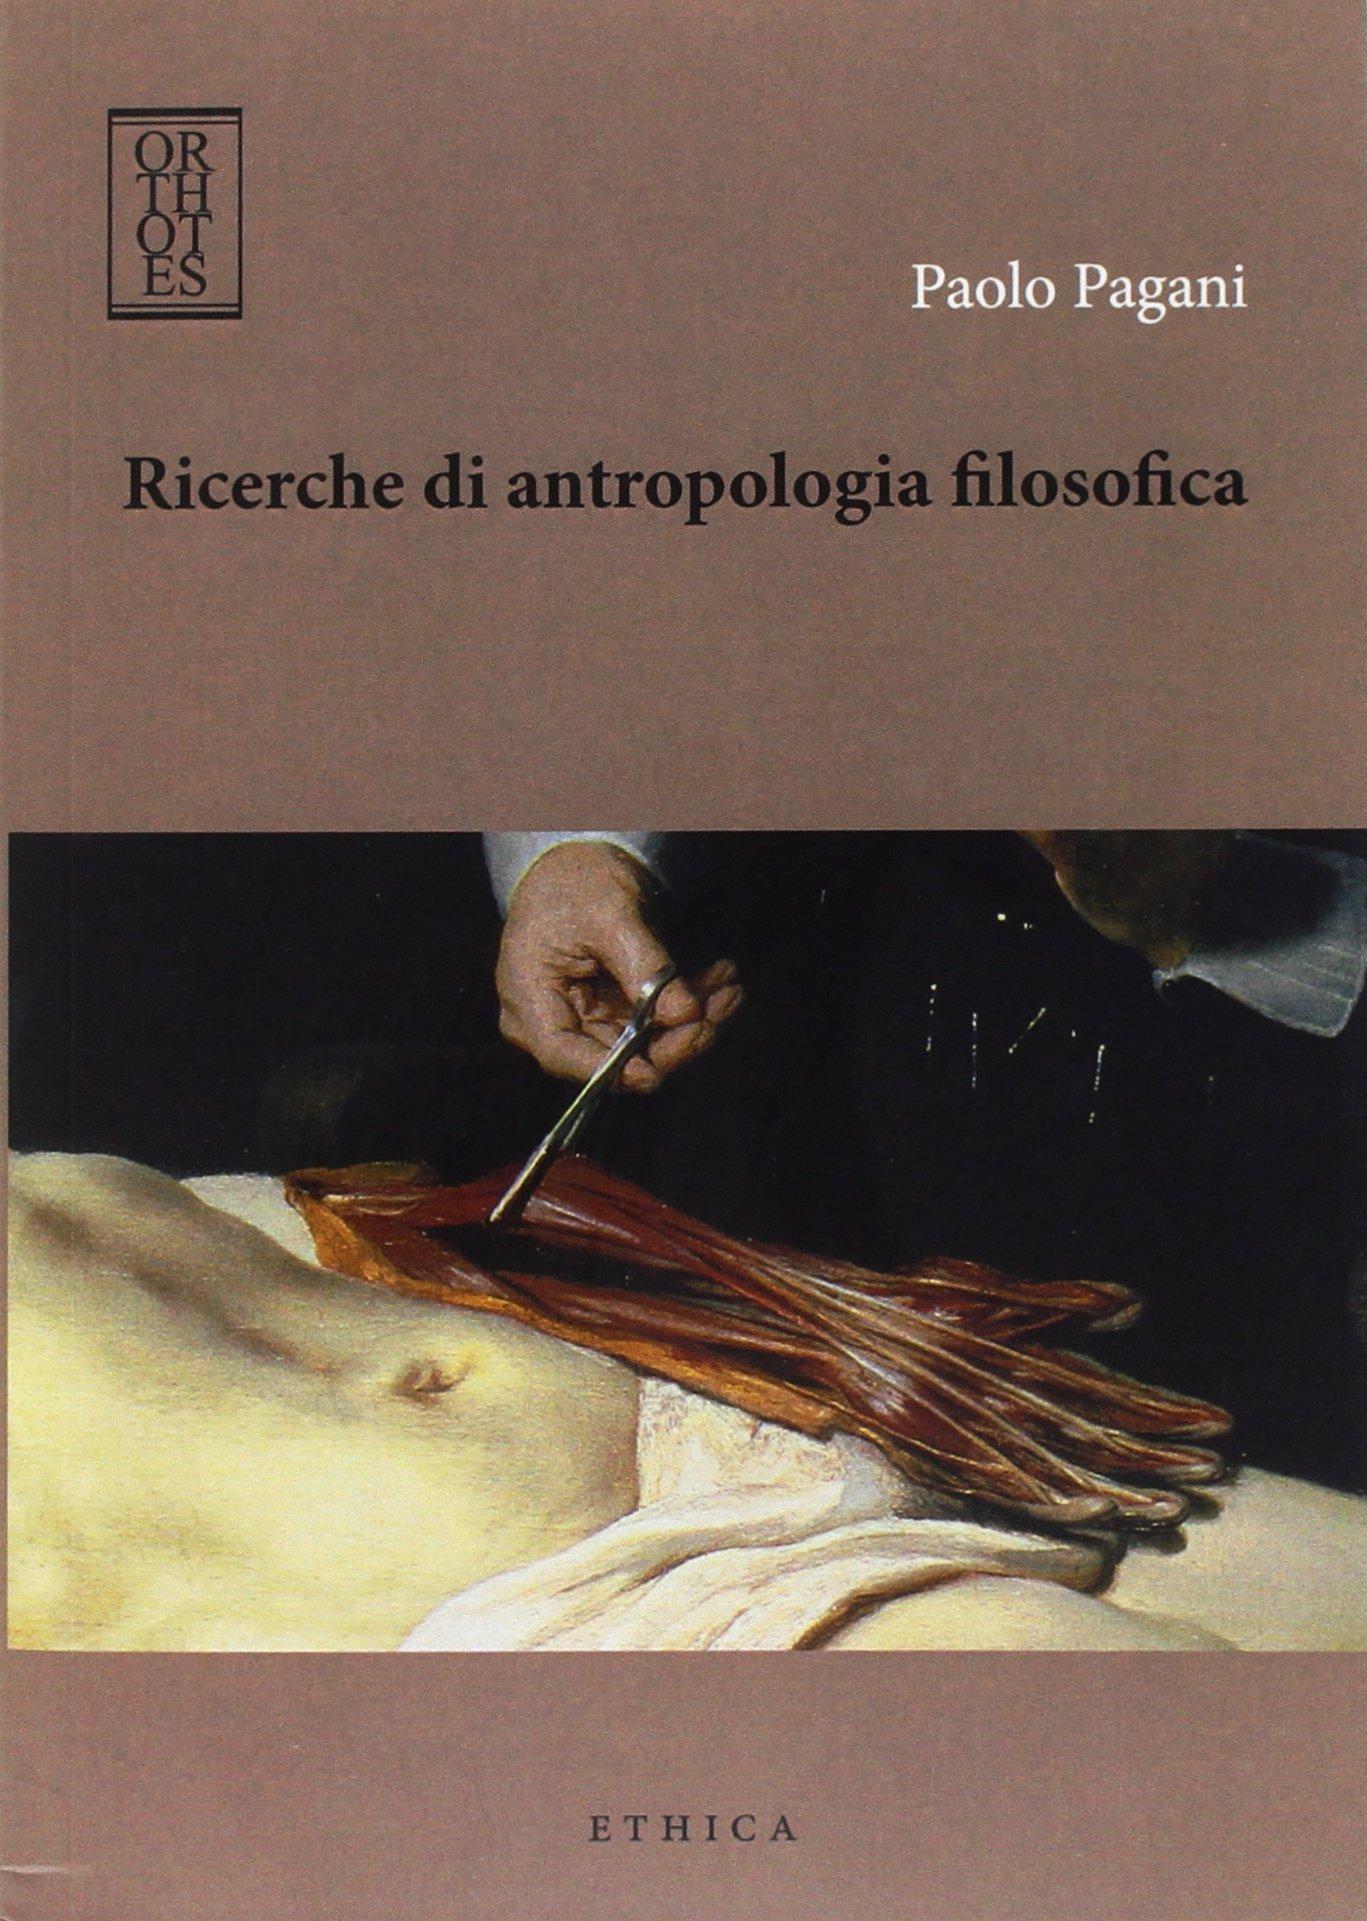 Ricerche di antropologia filosofica Copertina flessibile – 14 nov 2012 Paolo Pagani Orthotes 889780621X etnografia